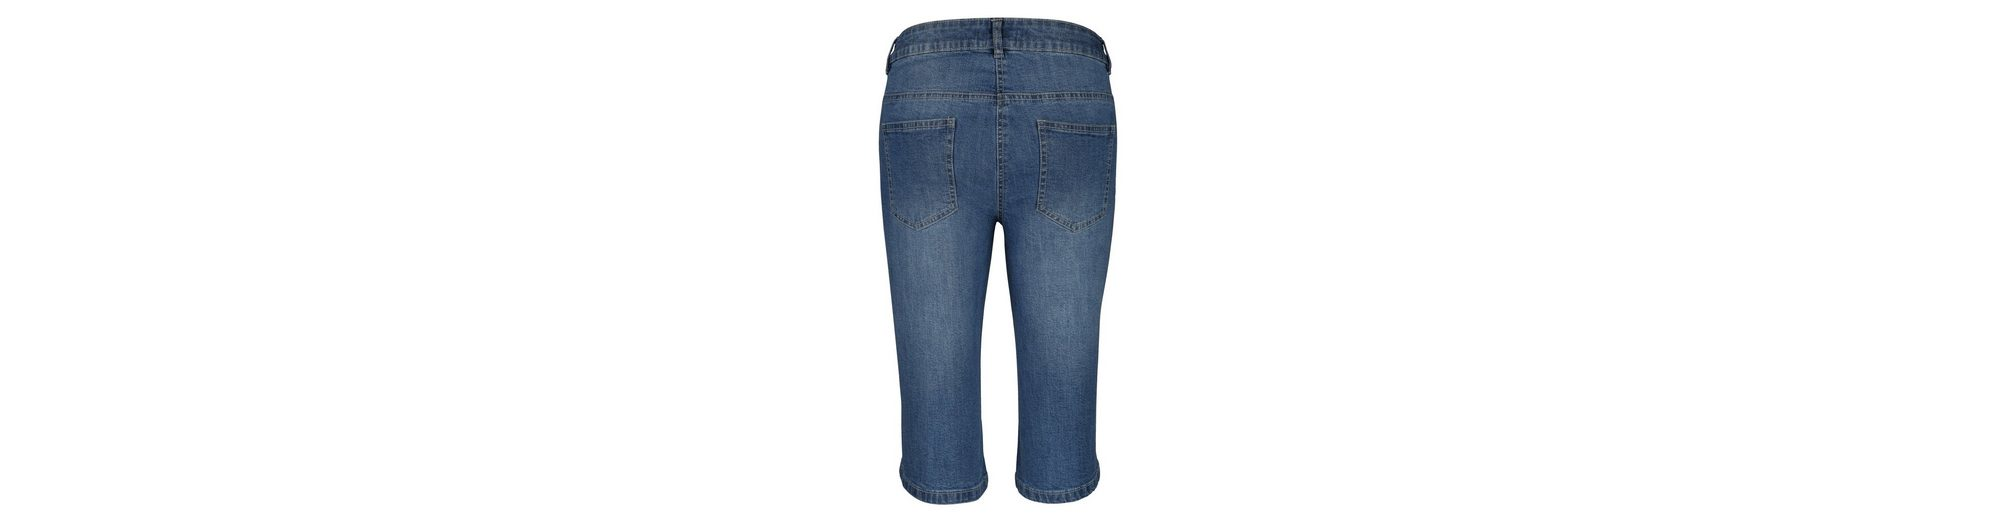 Online-Shopping Günstigen Preis Dress In Jeansshort mit Stickerei Steckdose Breite Palette Von Fälschung Geringster Preis Spielraum Ebay OKVLj0x4A